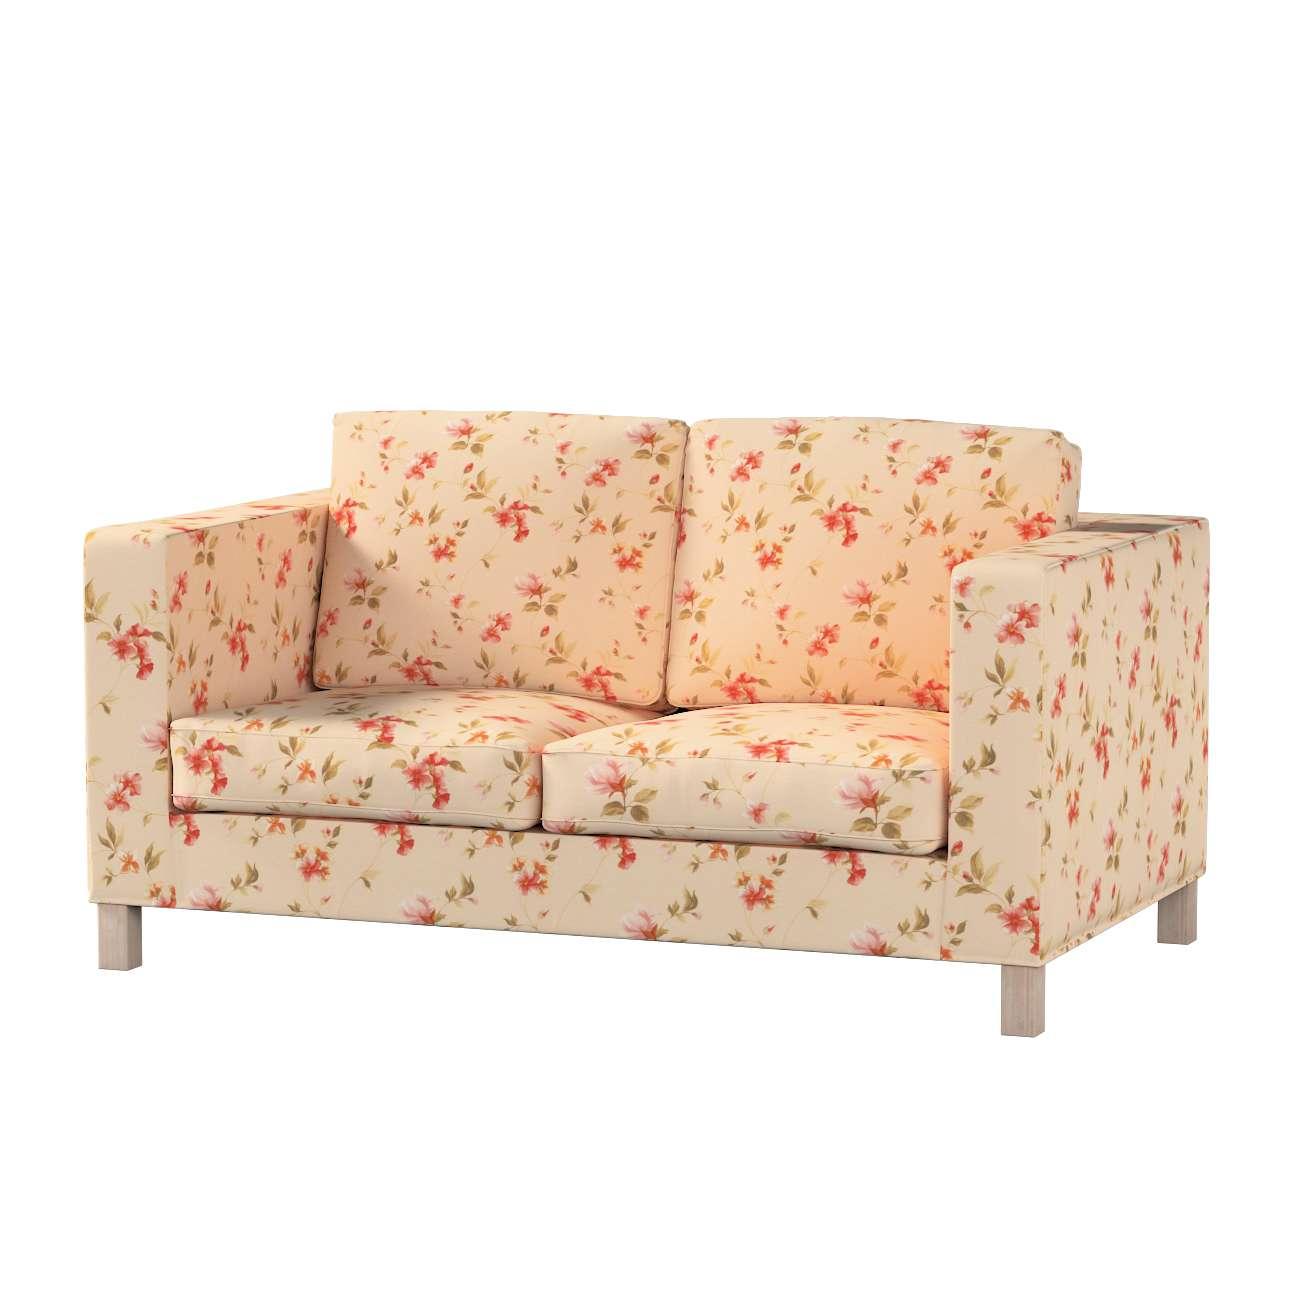 Karlanda klädsel<br>2-sits soffa - kort klädsel i kollektionen Londres, Tyg: 124-05